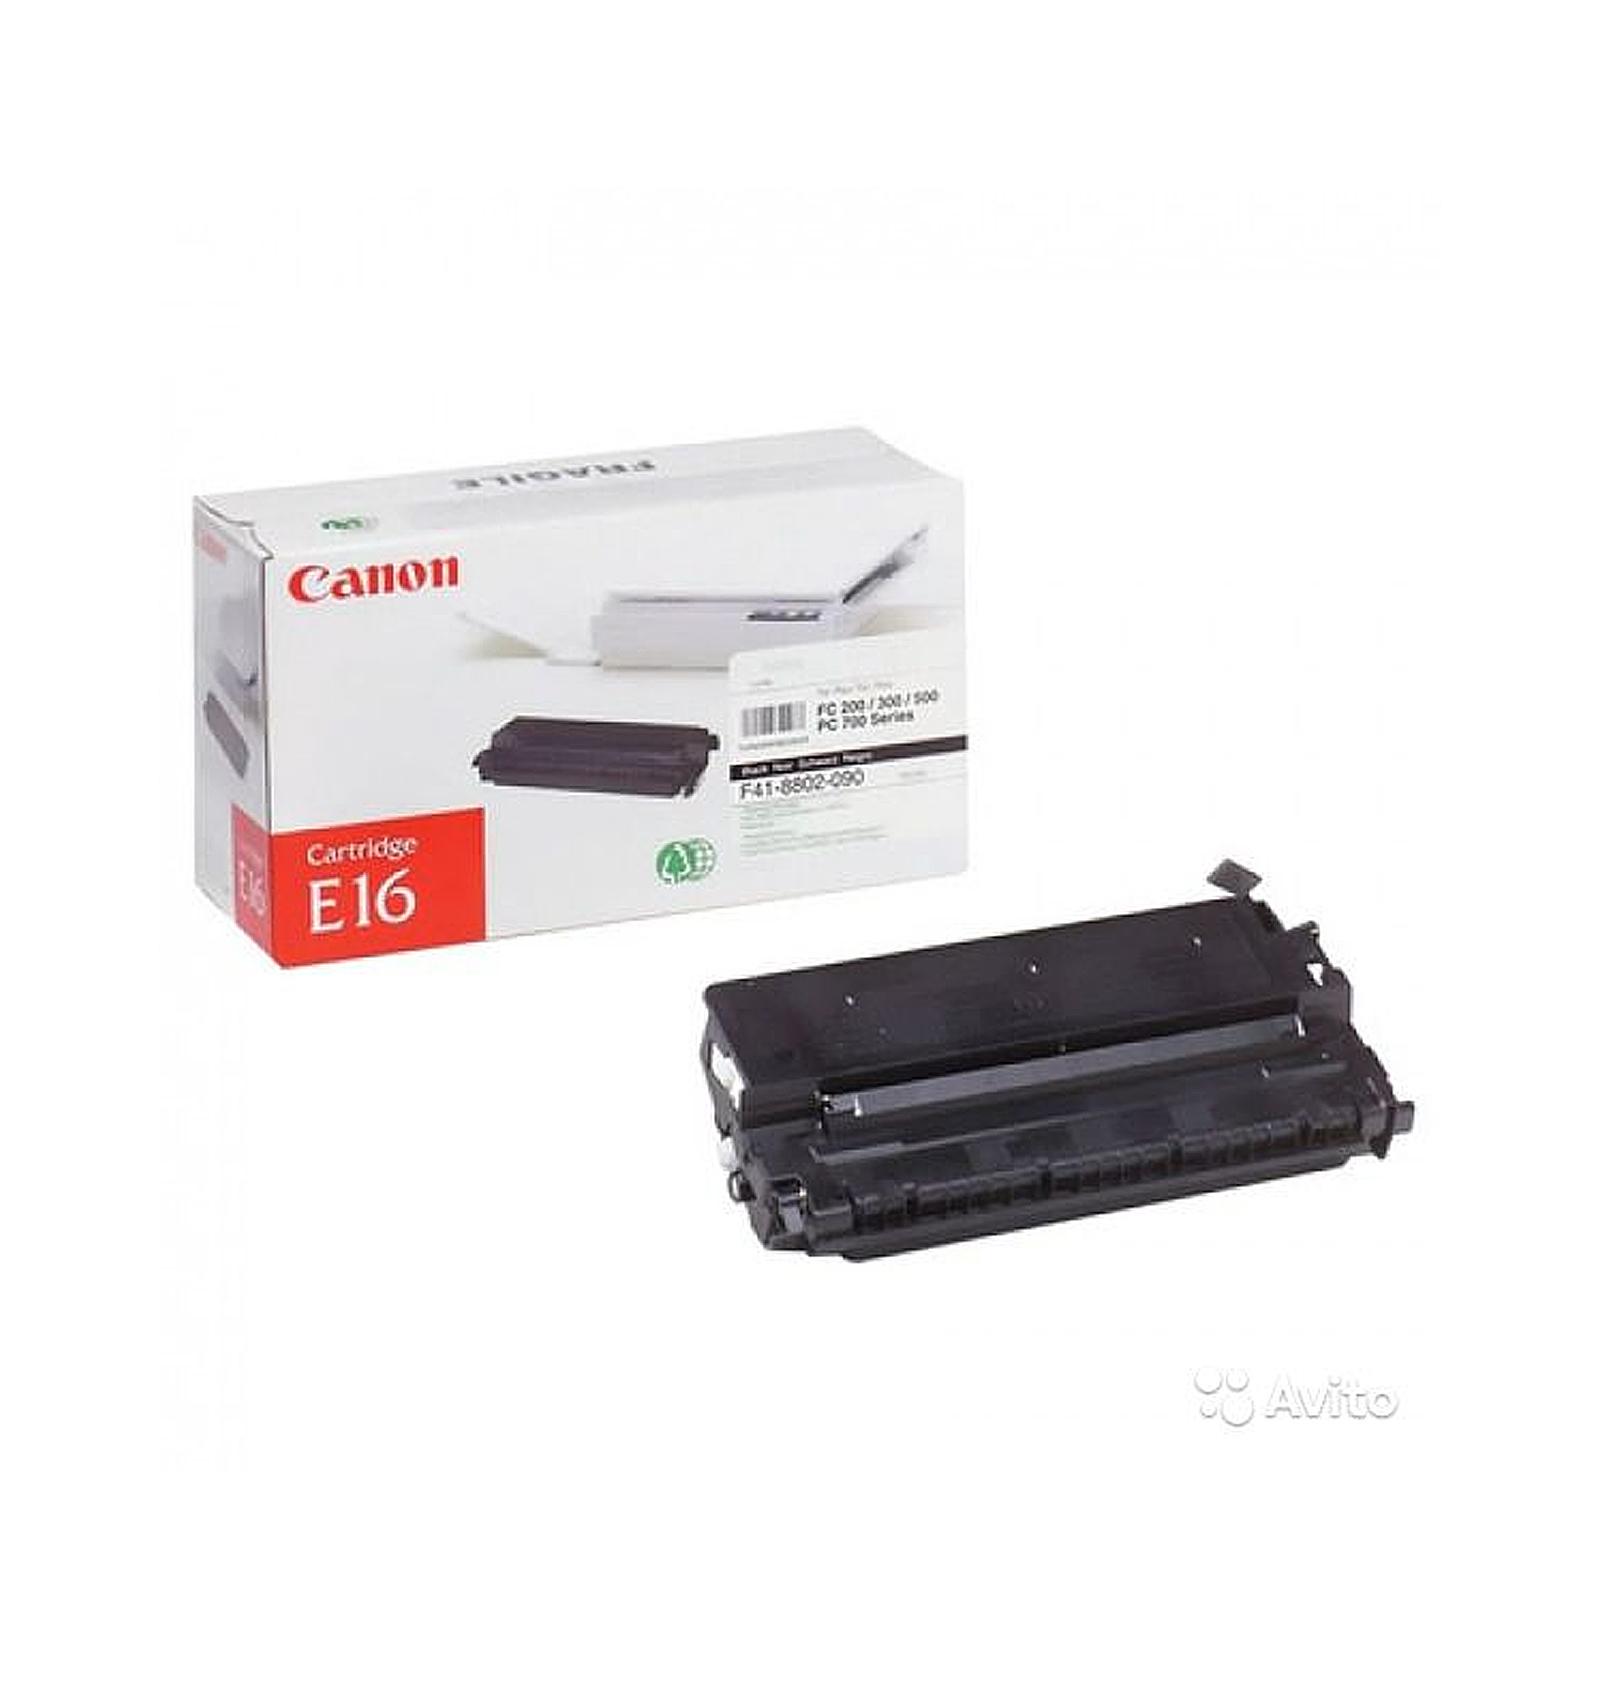 Заправка тонером картриджа Canon E-16 для FC-2xx/3xx/530/108/208/PC-7xx/PC-8xx